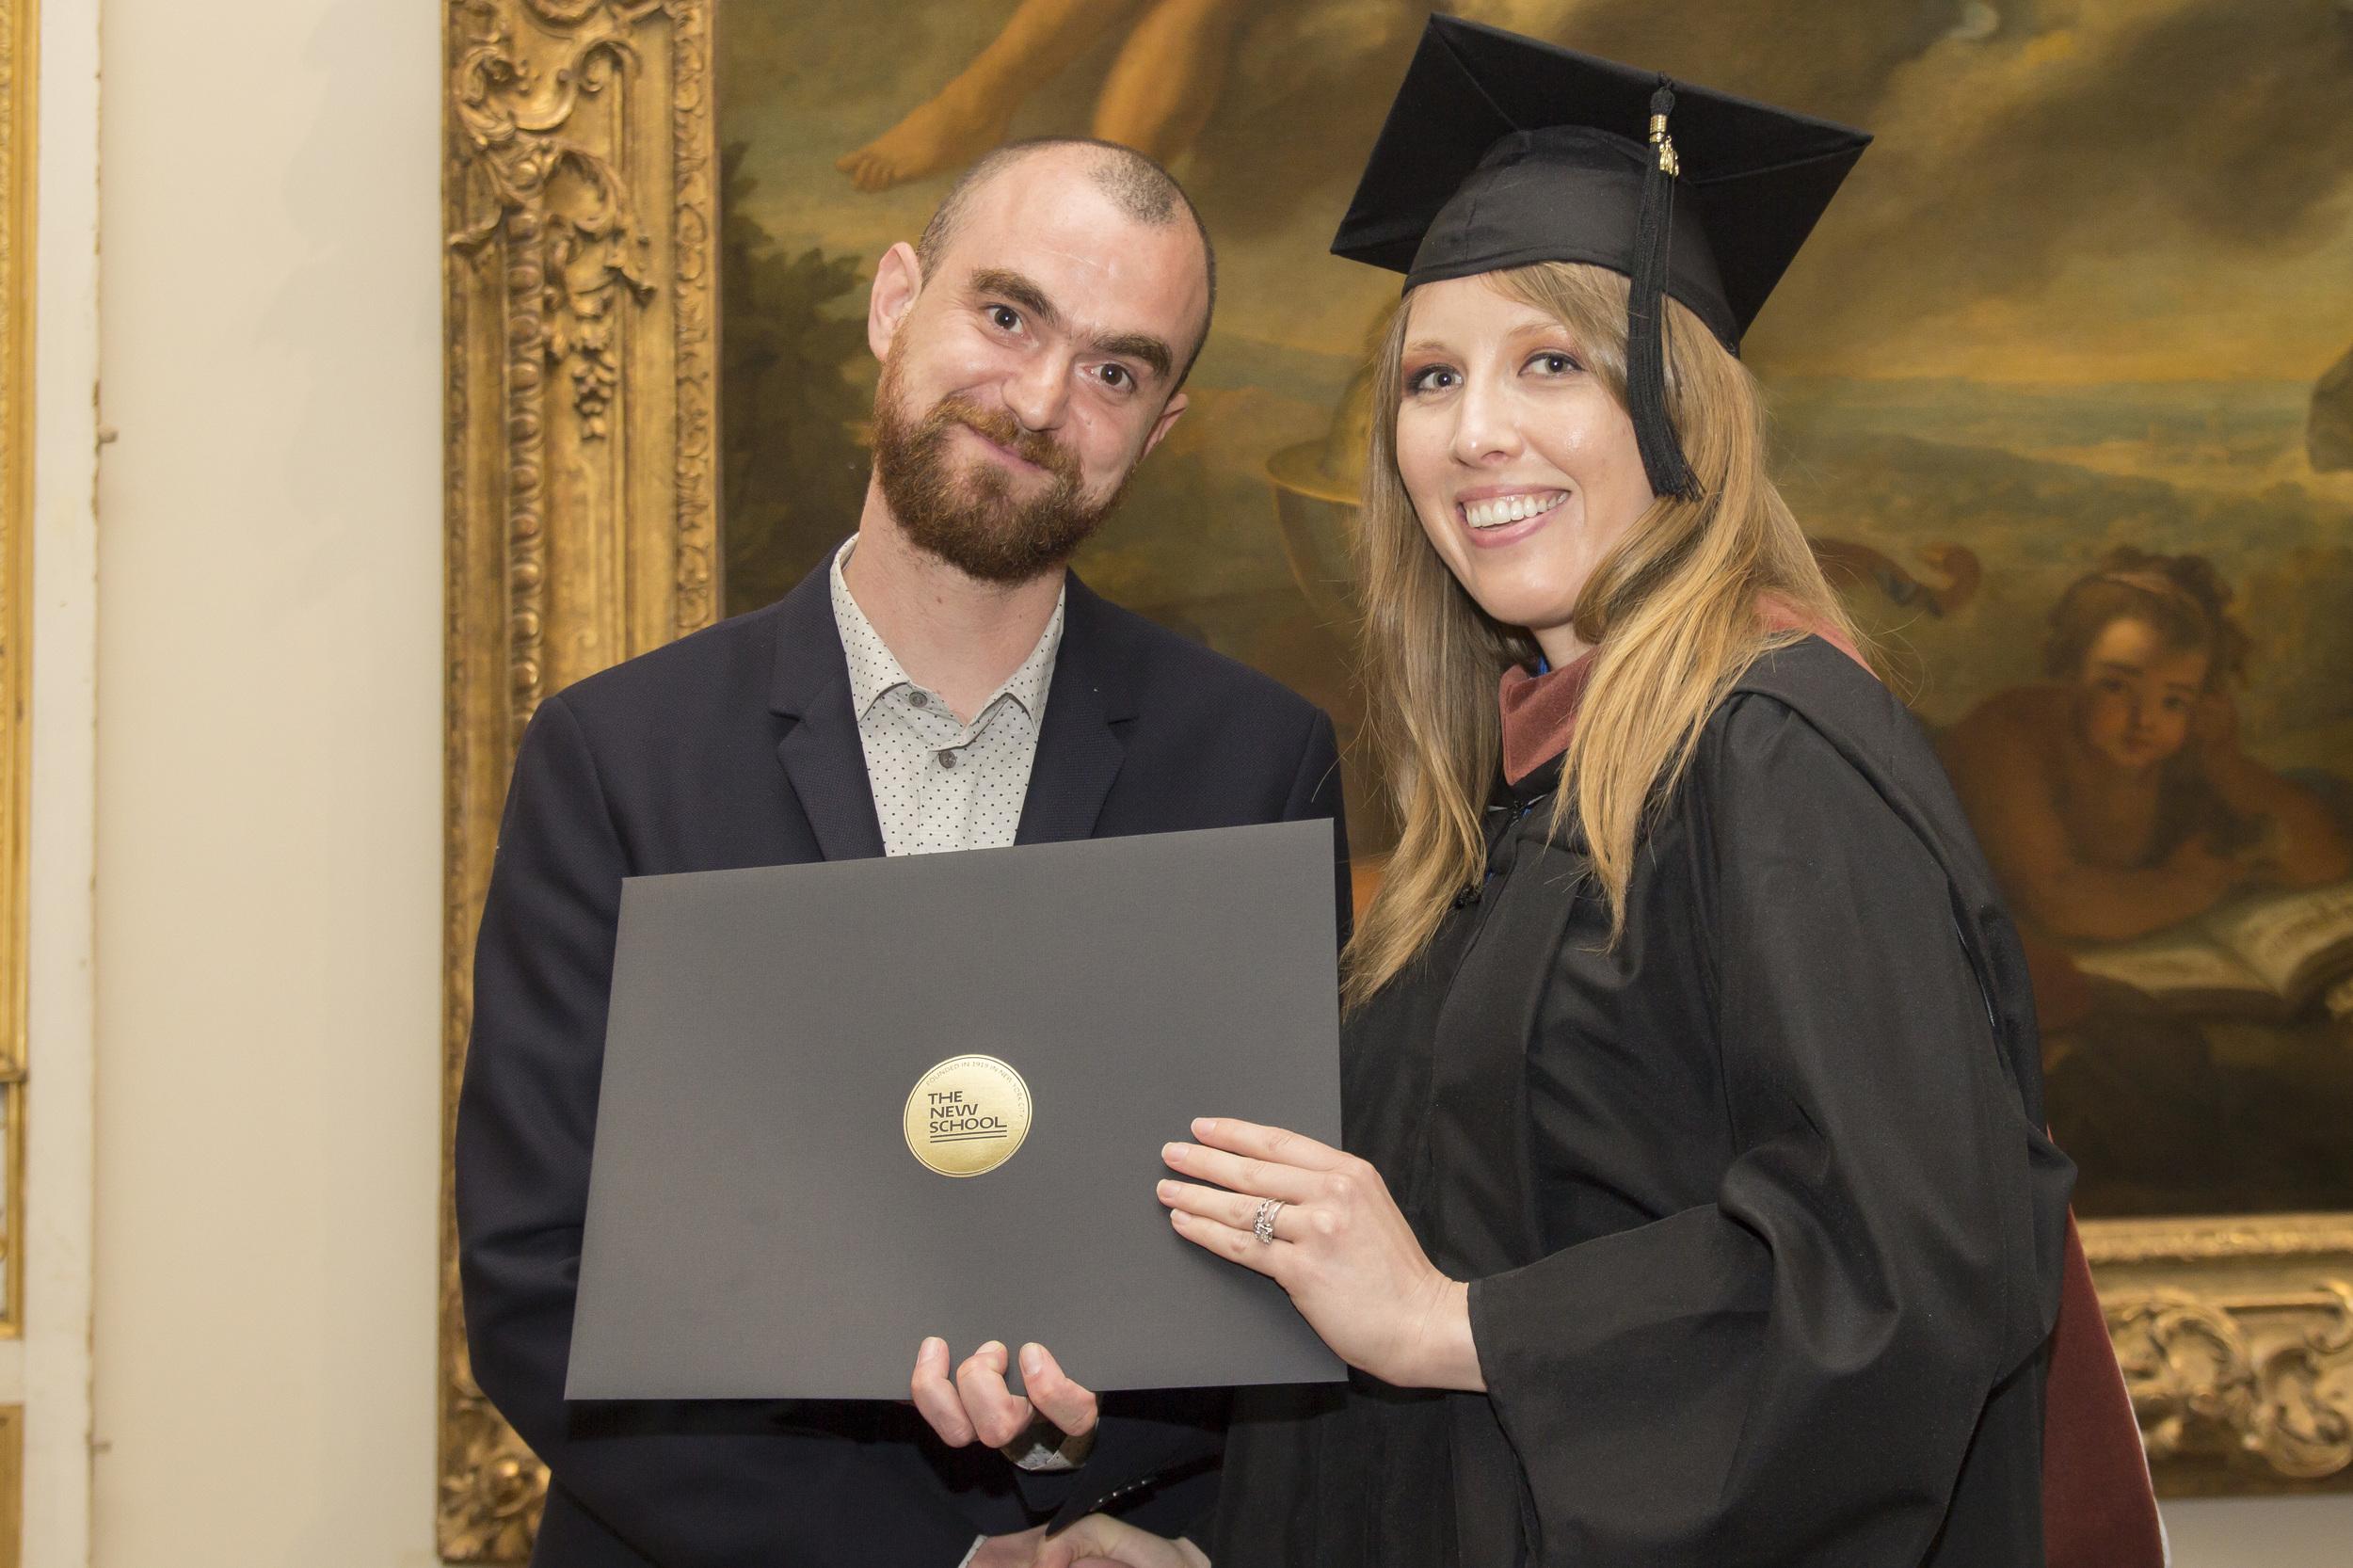 TNS_ParsonsParis_Graduation_105.jpg